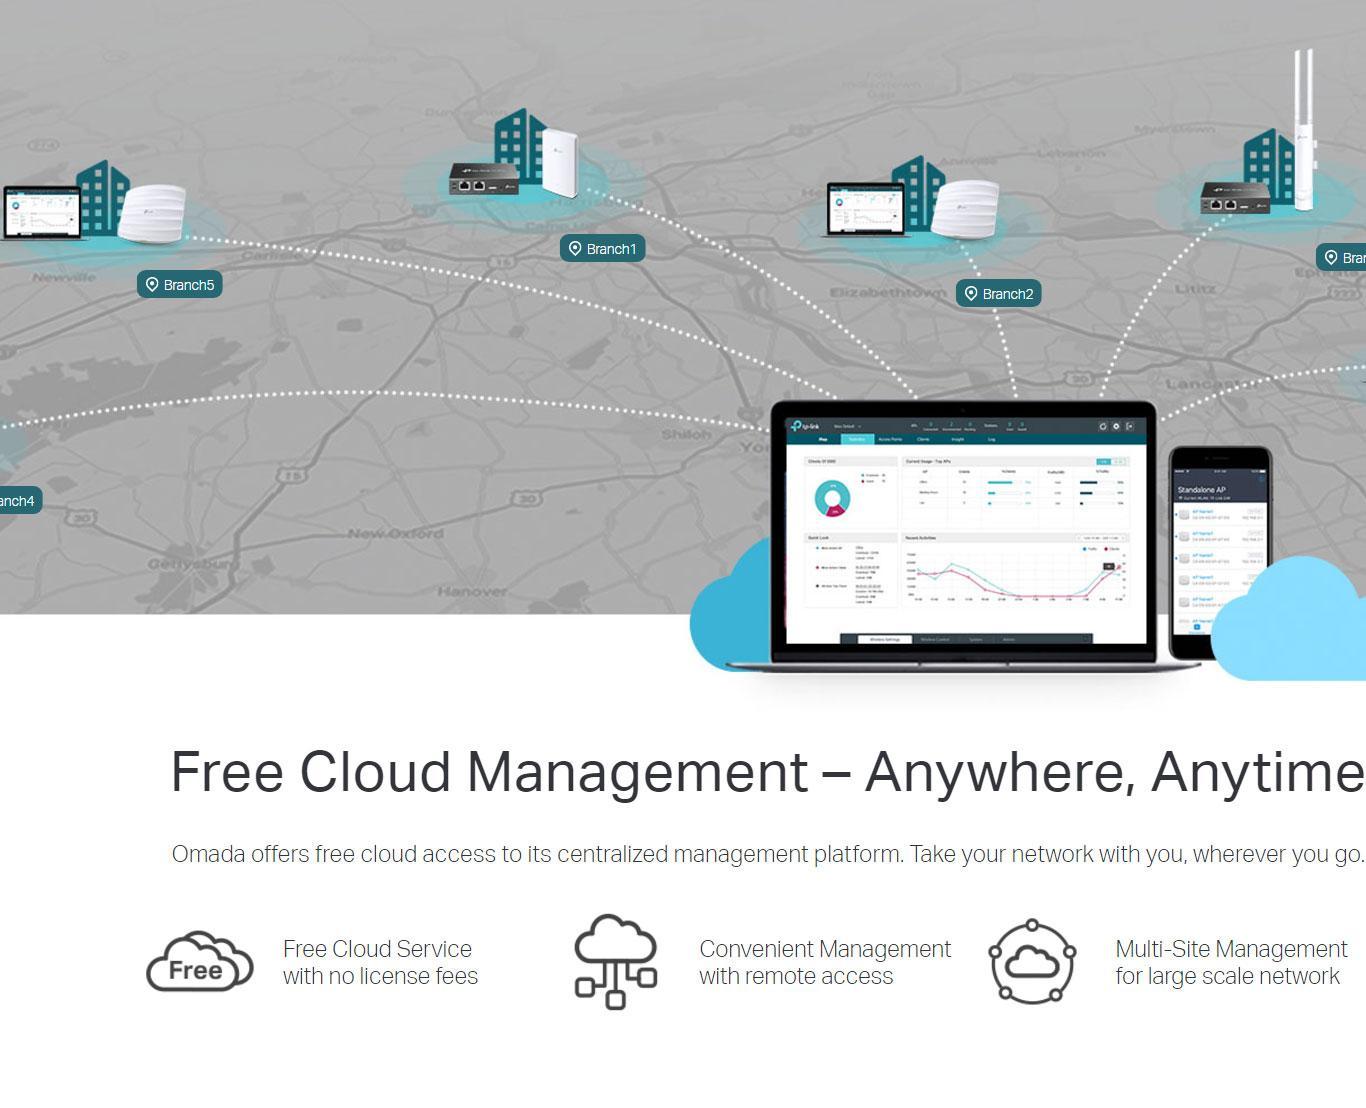 TP Link OC200 Omada Cloud Controller Supports 802 3AF/at